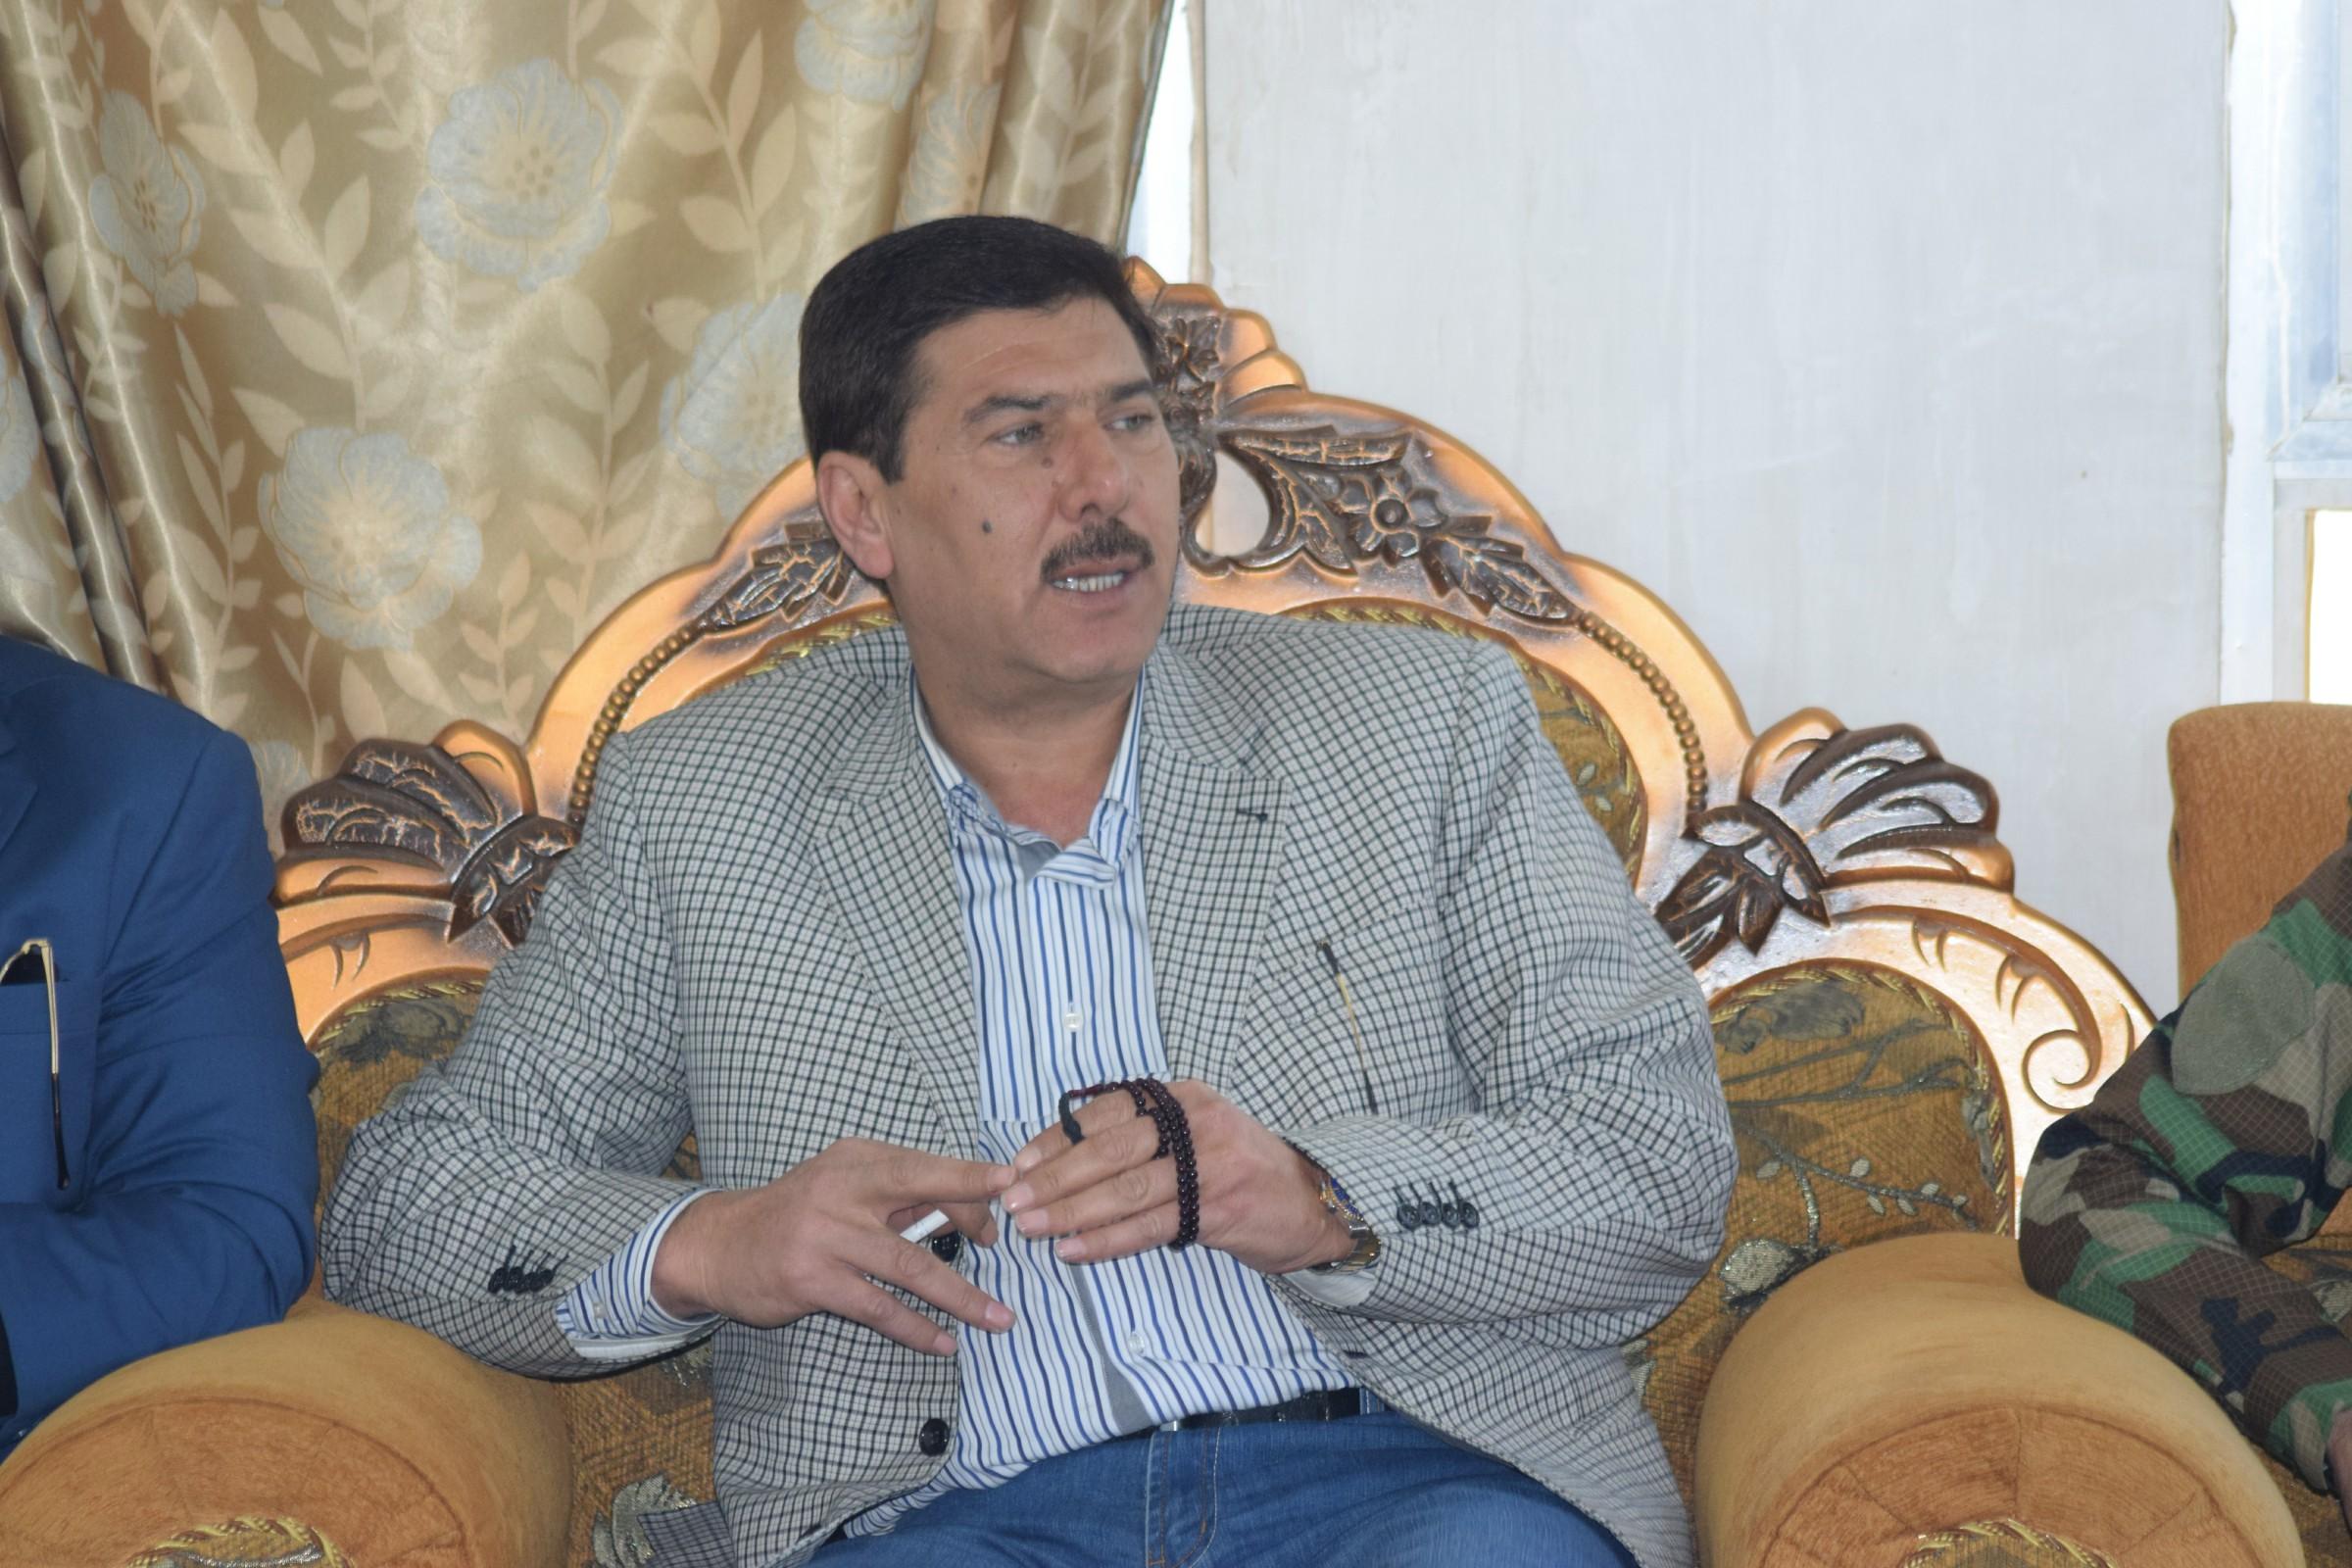 عضو مجلس الأنبار نعيم الكعود: داعش صادر أملاك أهالي عنه وراوه والقائم